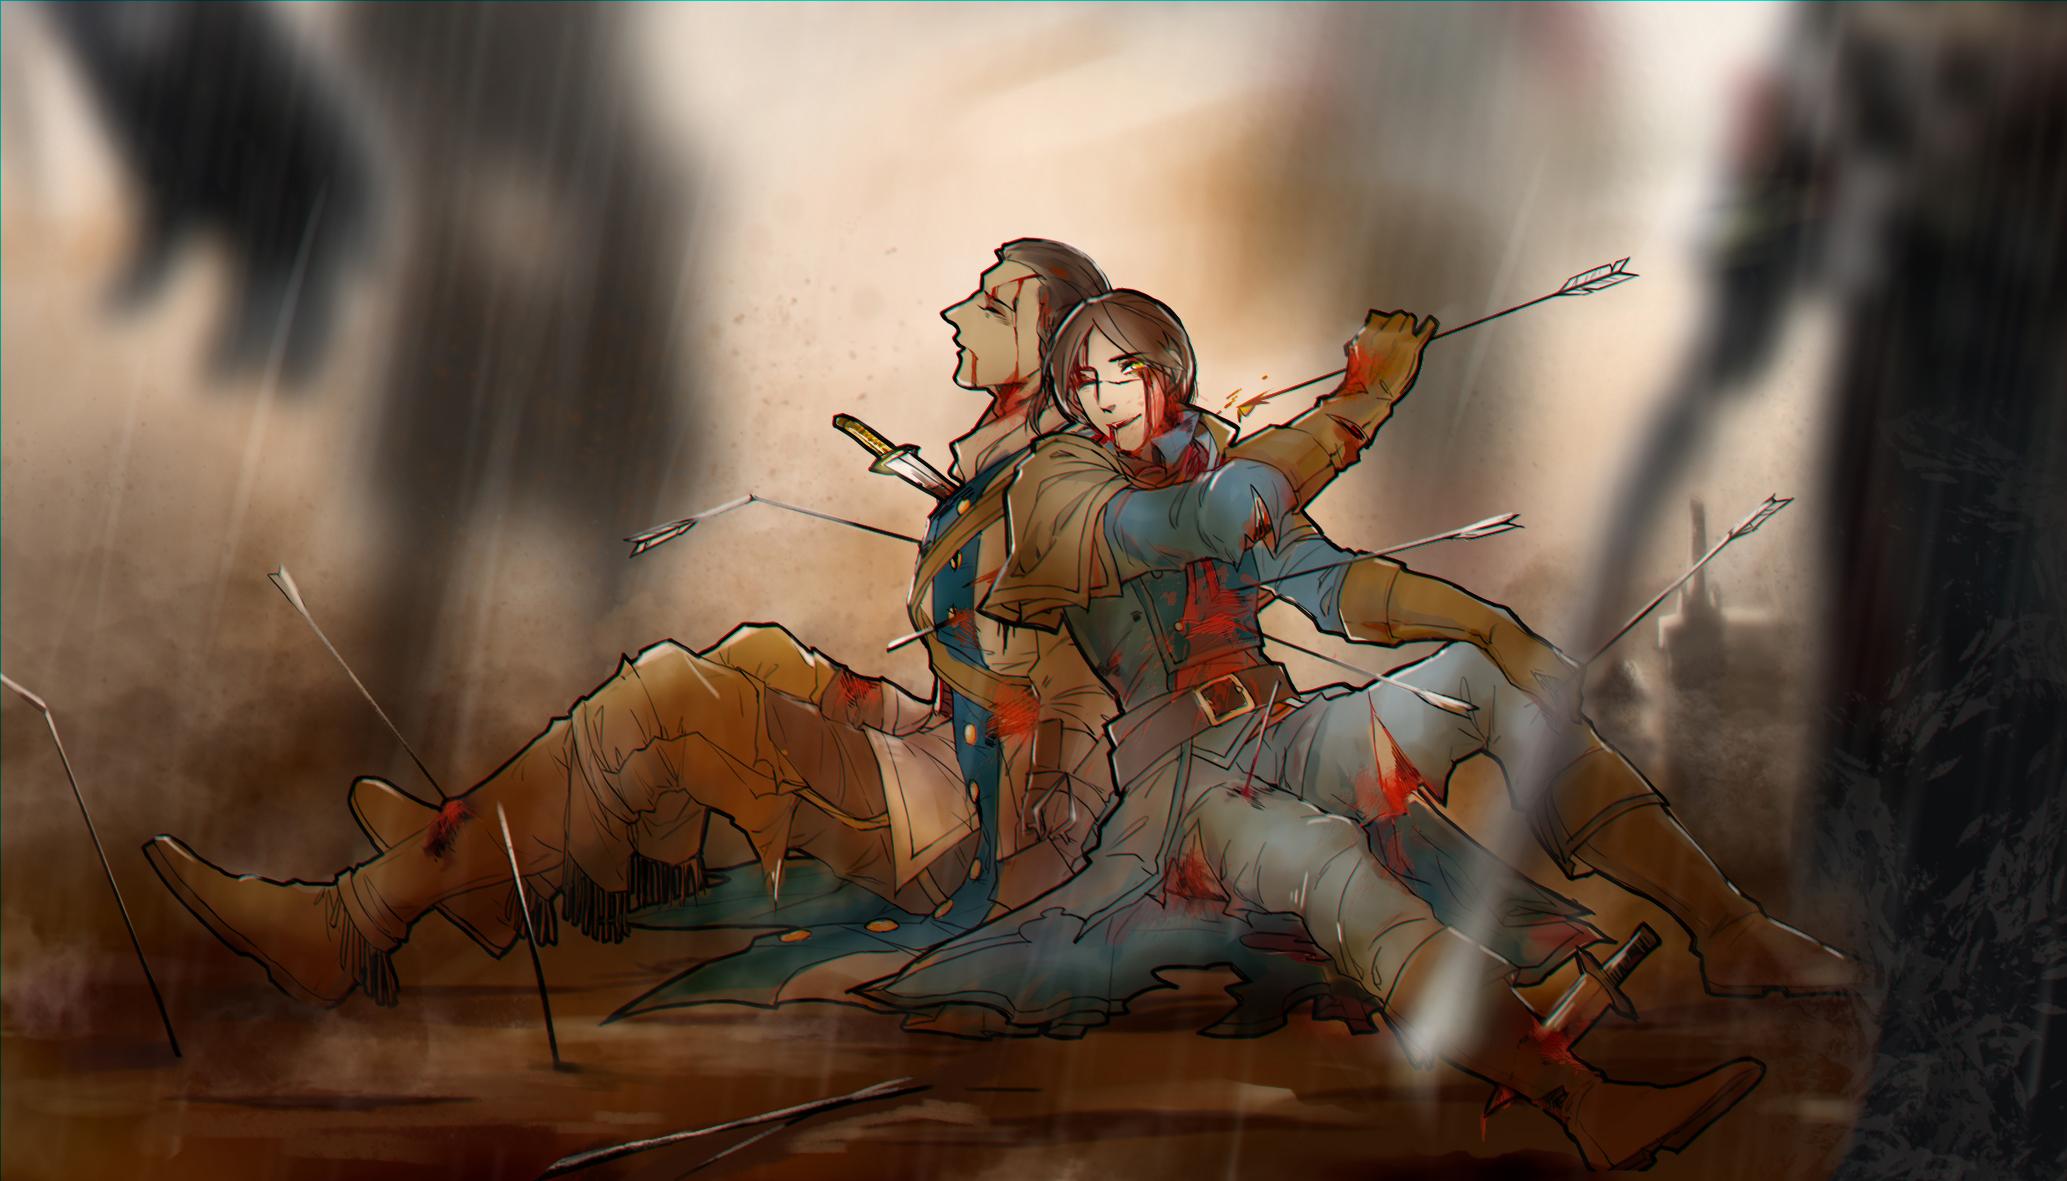 assassins creed unity elise art